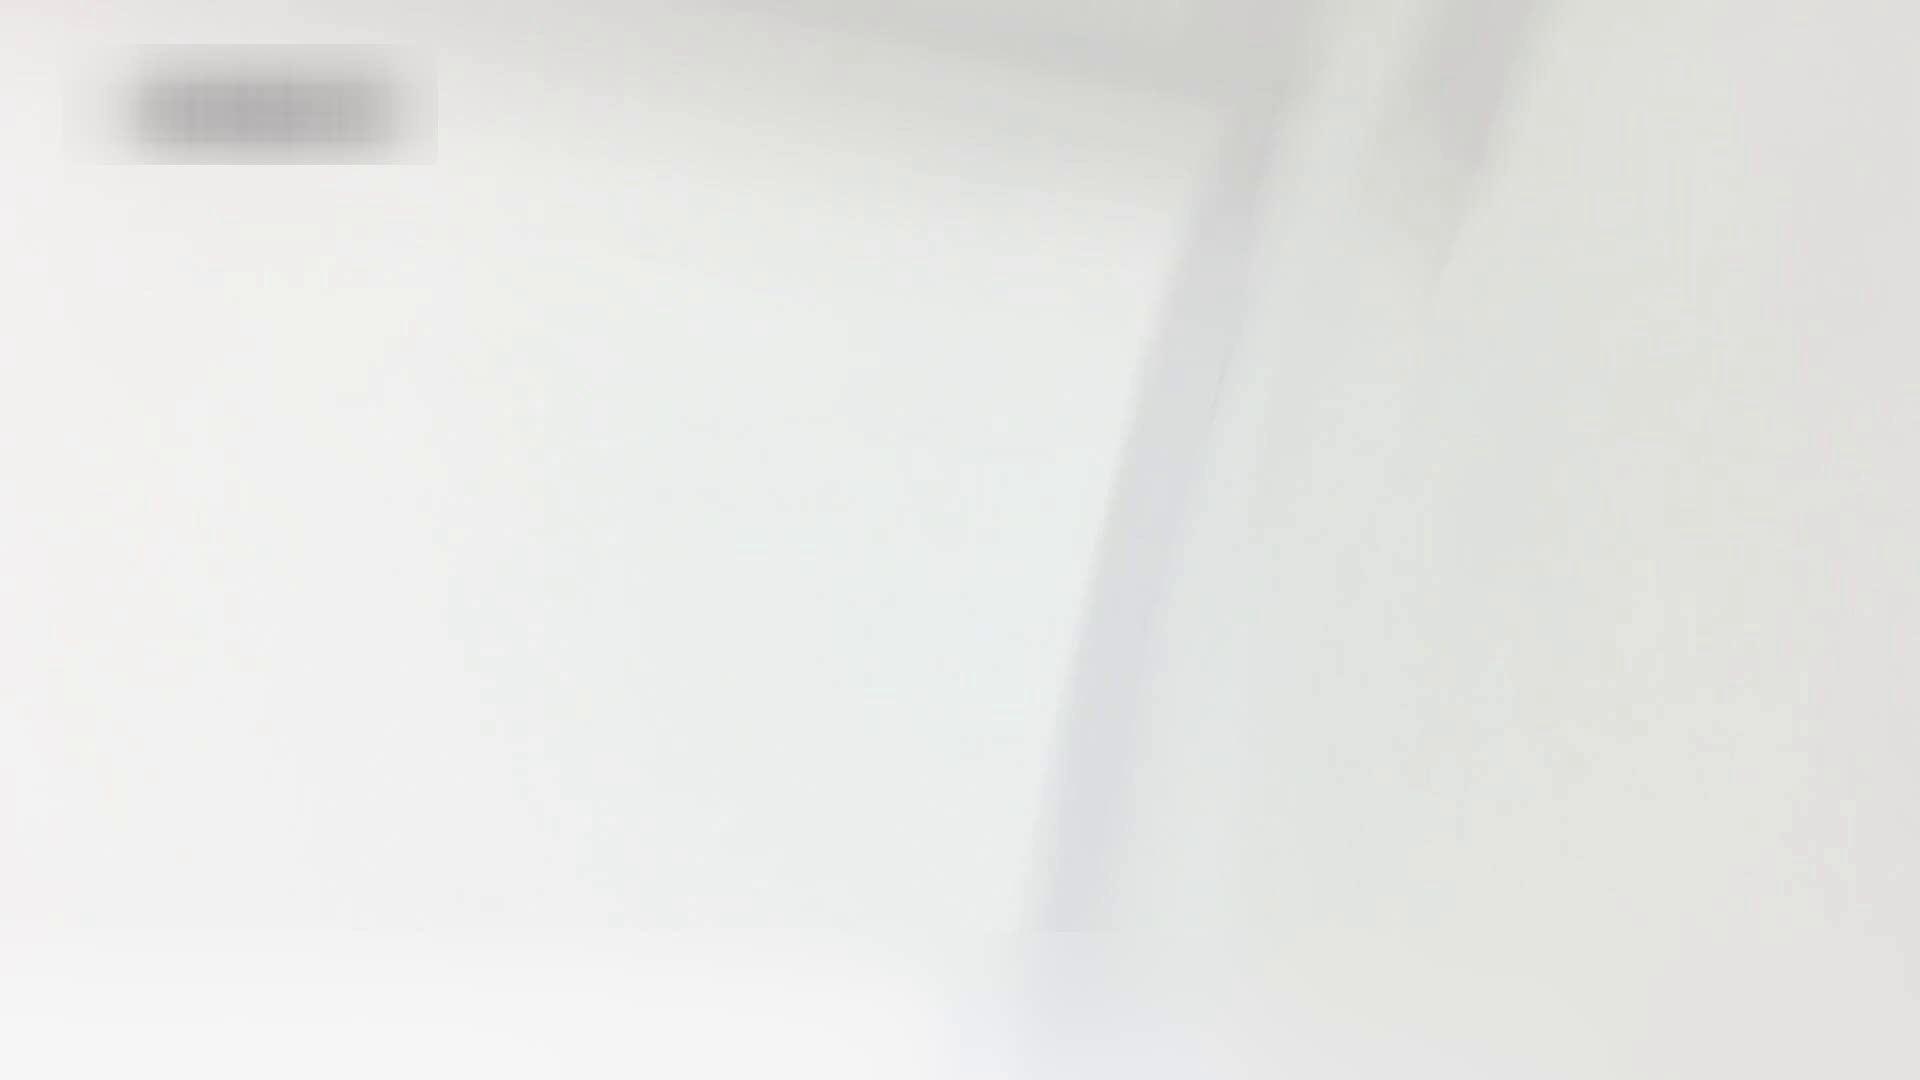 お姉さんの恥便所盗撮! Vol.24 OLエロ画像 盗撮おまんこ無修正動画無料 97PICs 77